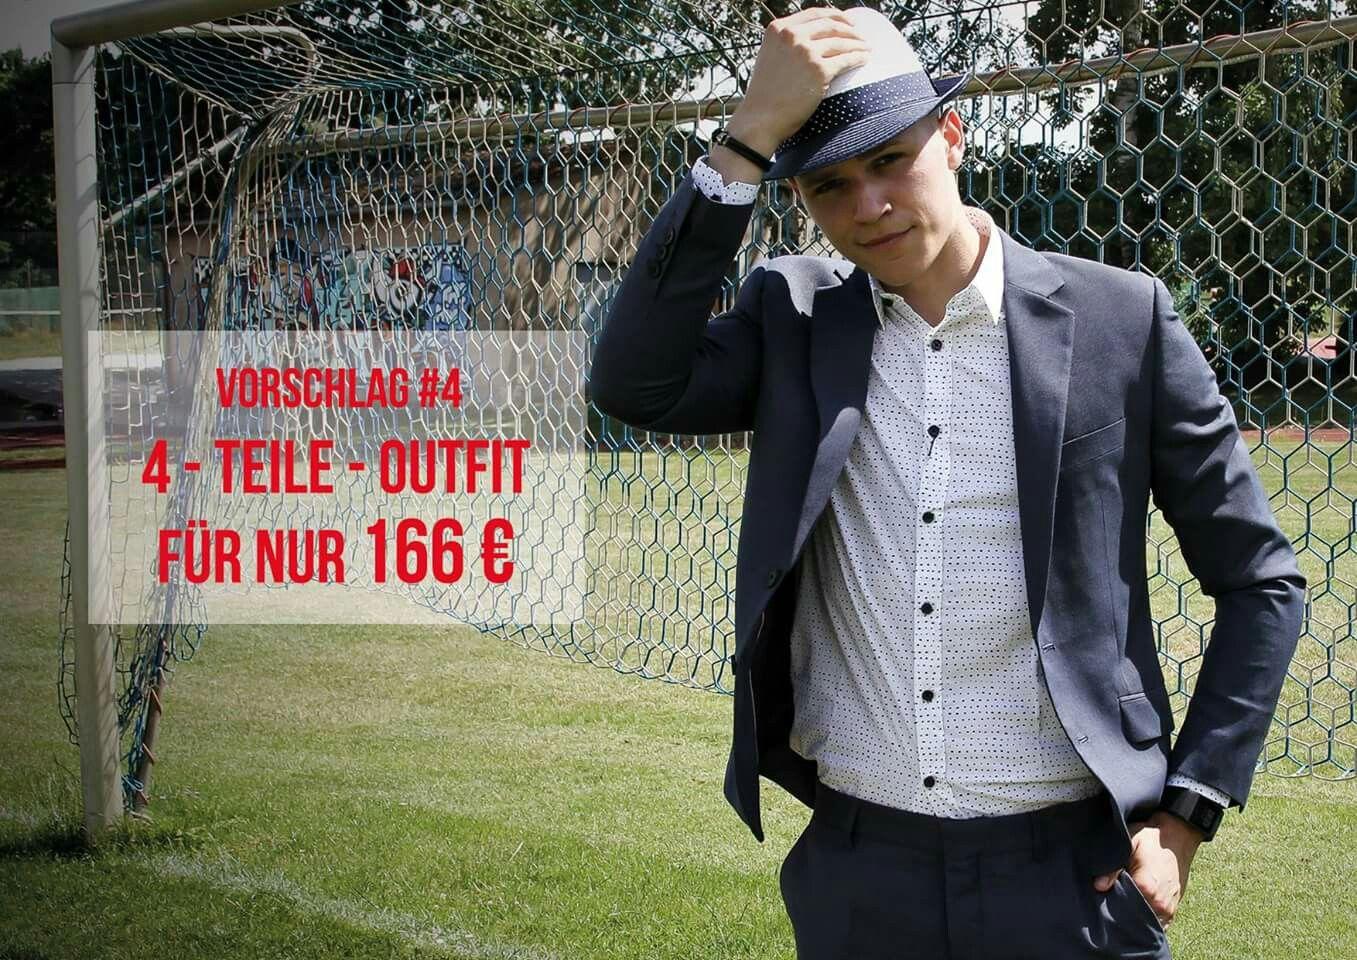 Max meinte, dass er sich beim nächsten Heimspiel mal mit Anzug und Hut ins Tor stellt und den Gegner freundlich grüßt.